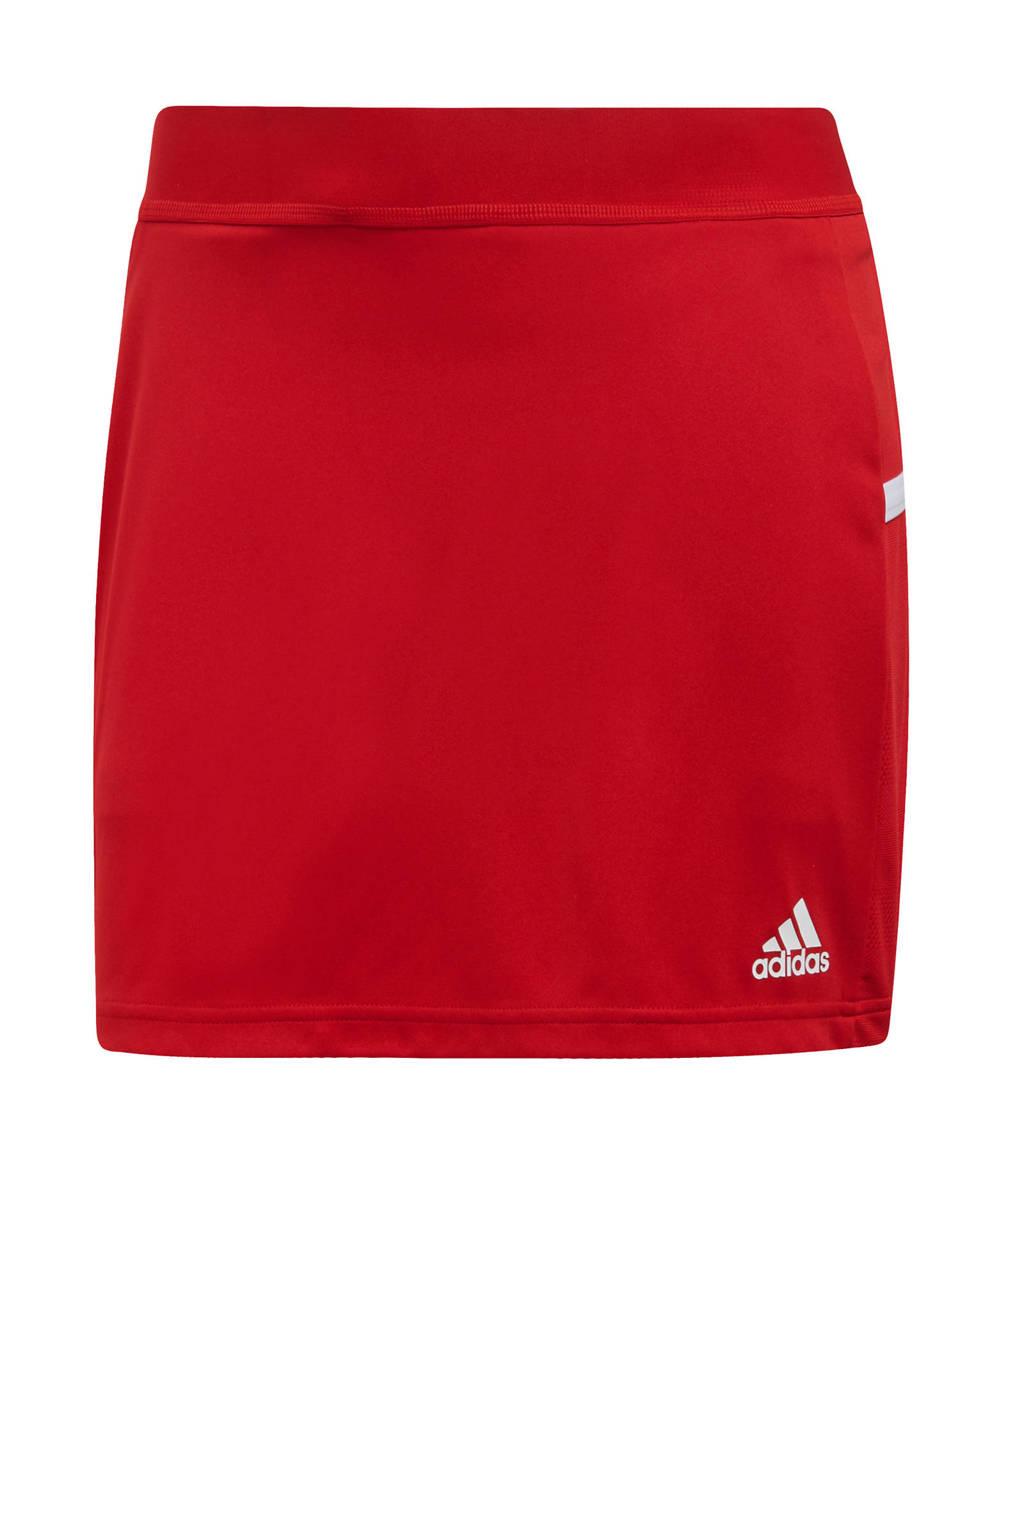 adidas Performance sportrokje rood, Rood